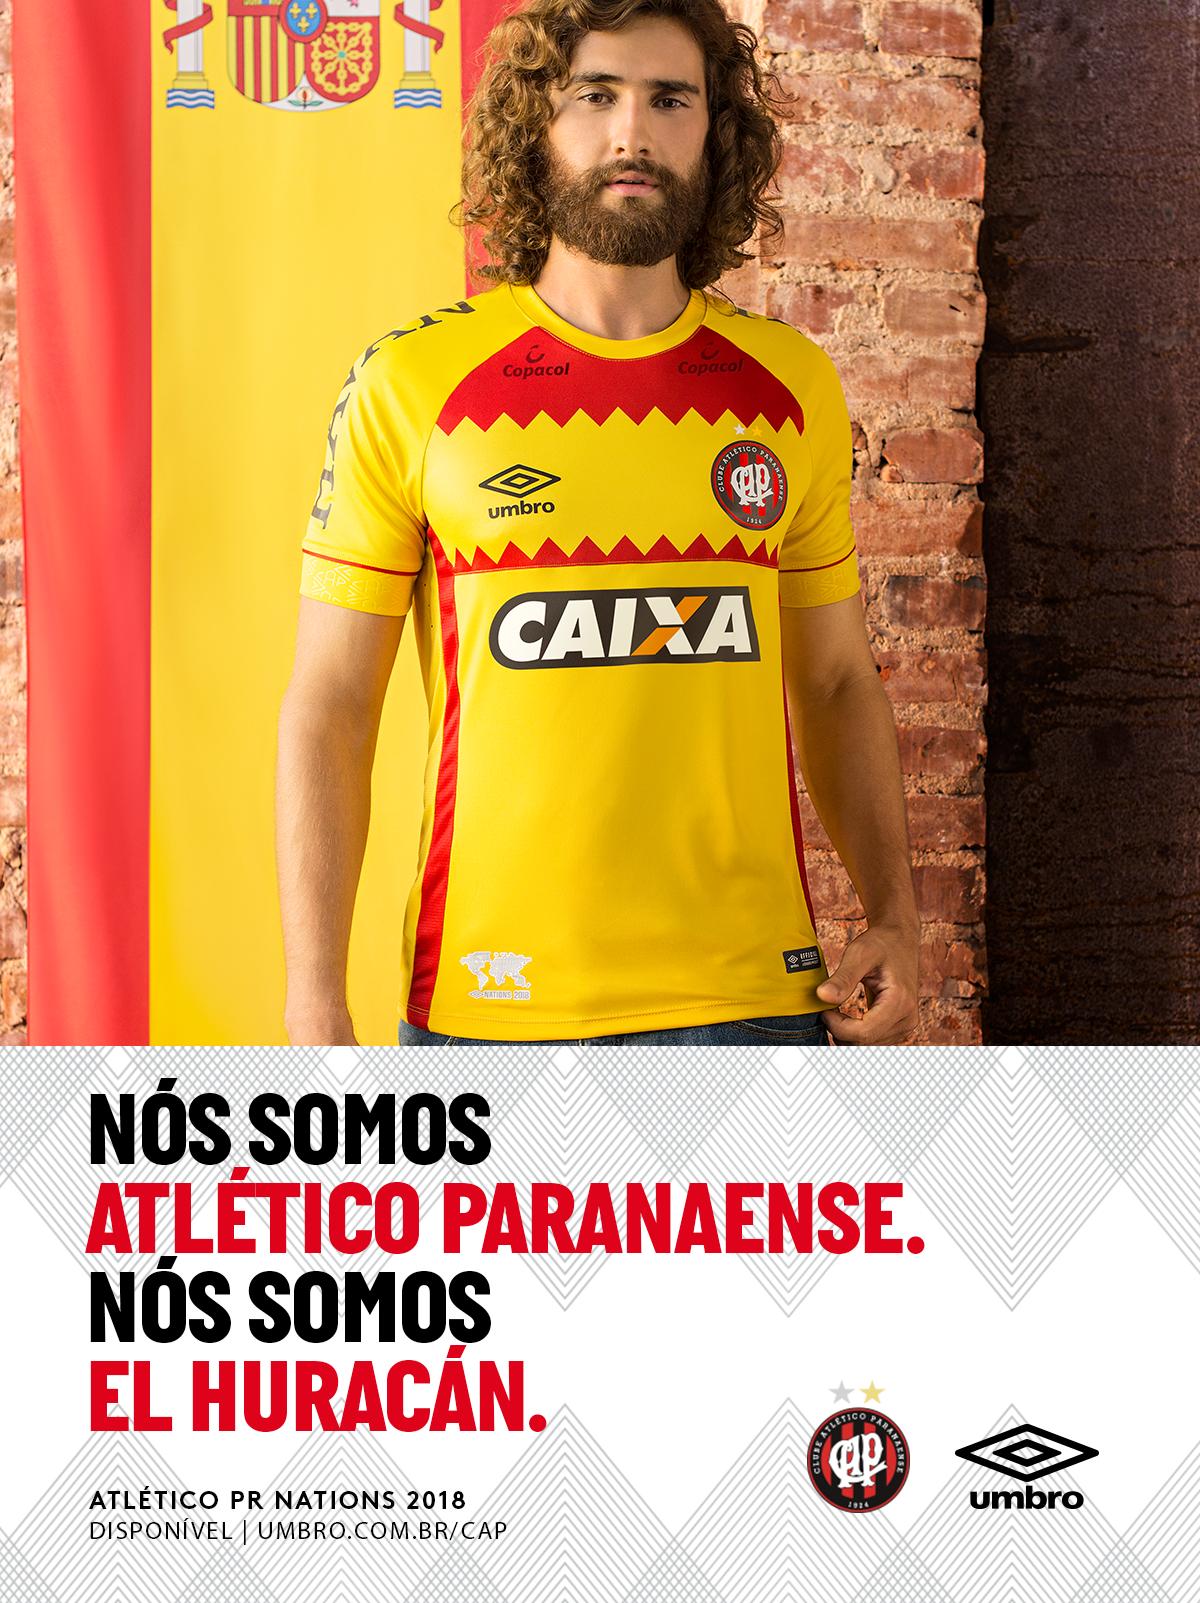 d6304d41b2 Fornecedora diz que Atlético-PR aprovou camisa polêmica e coloca ...